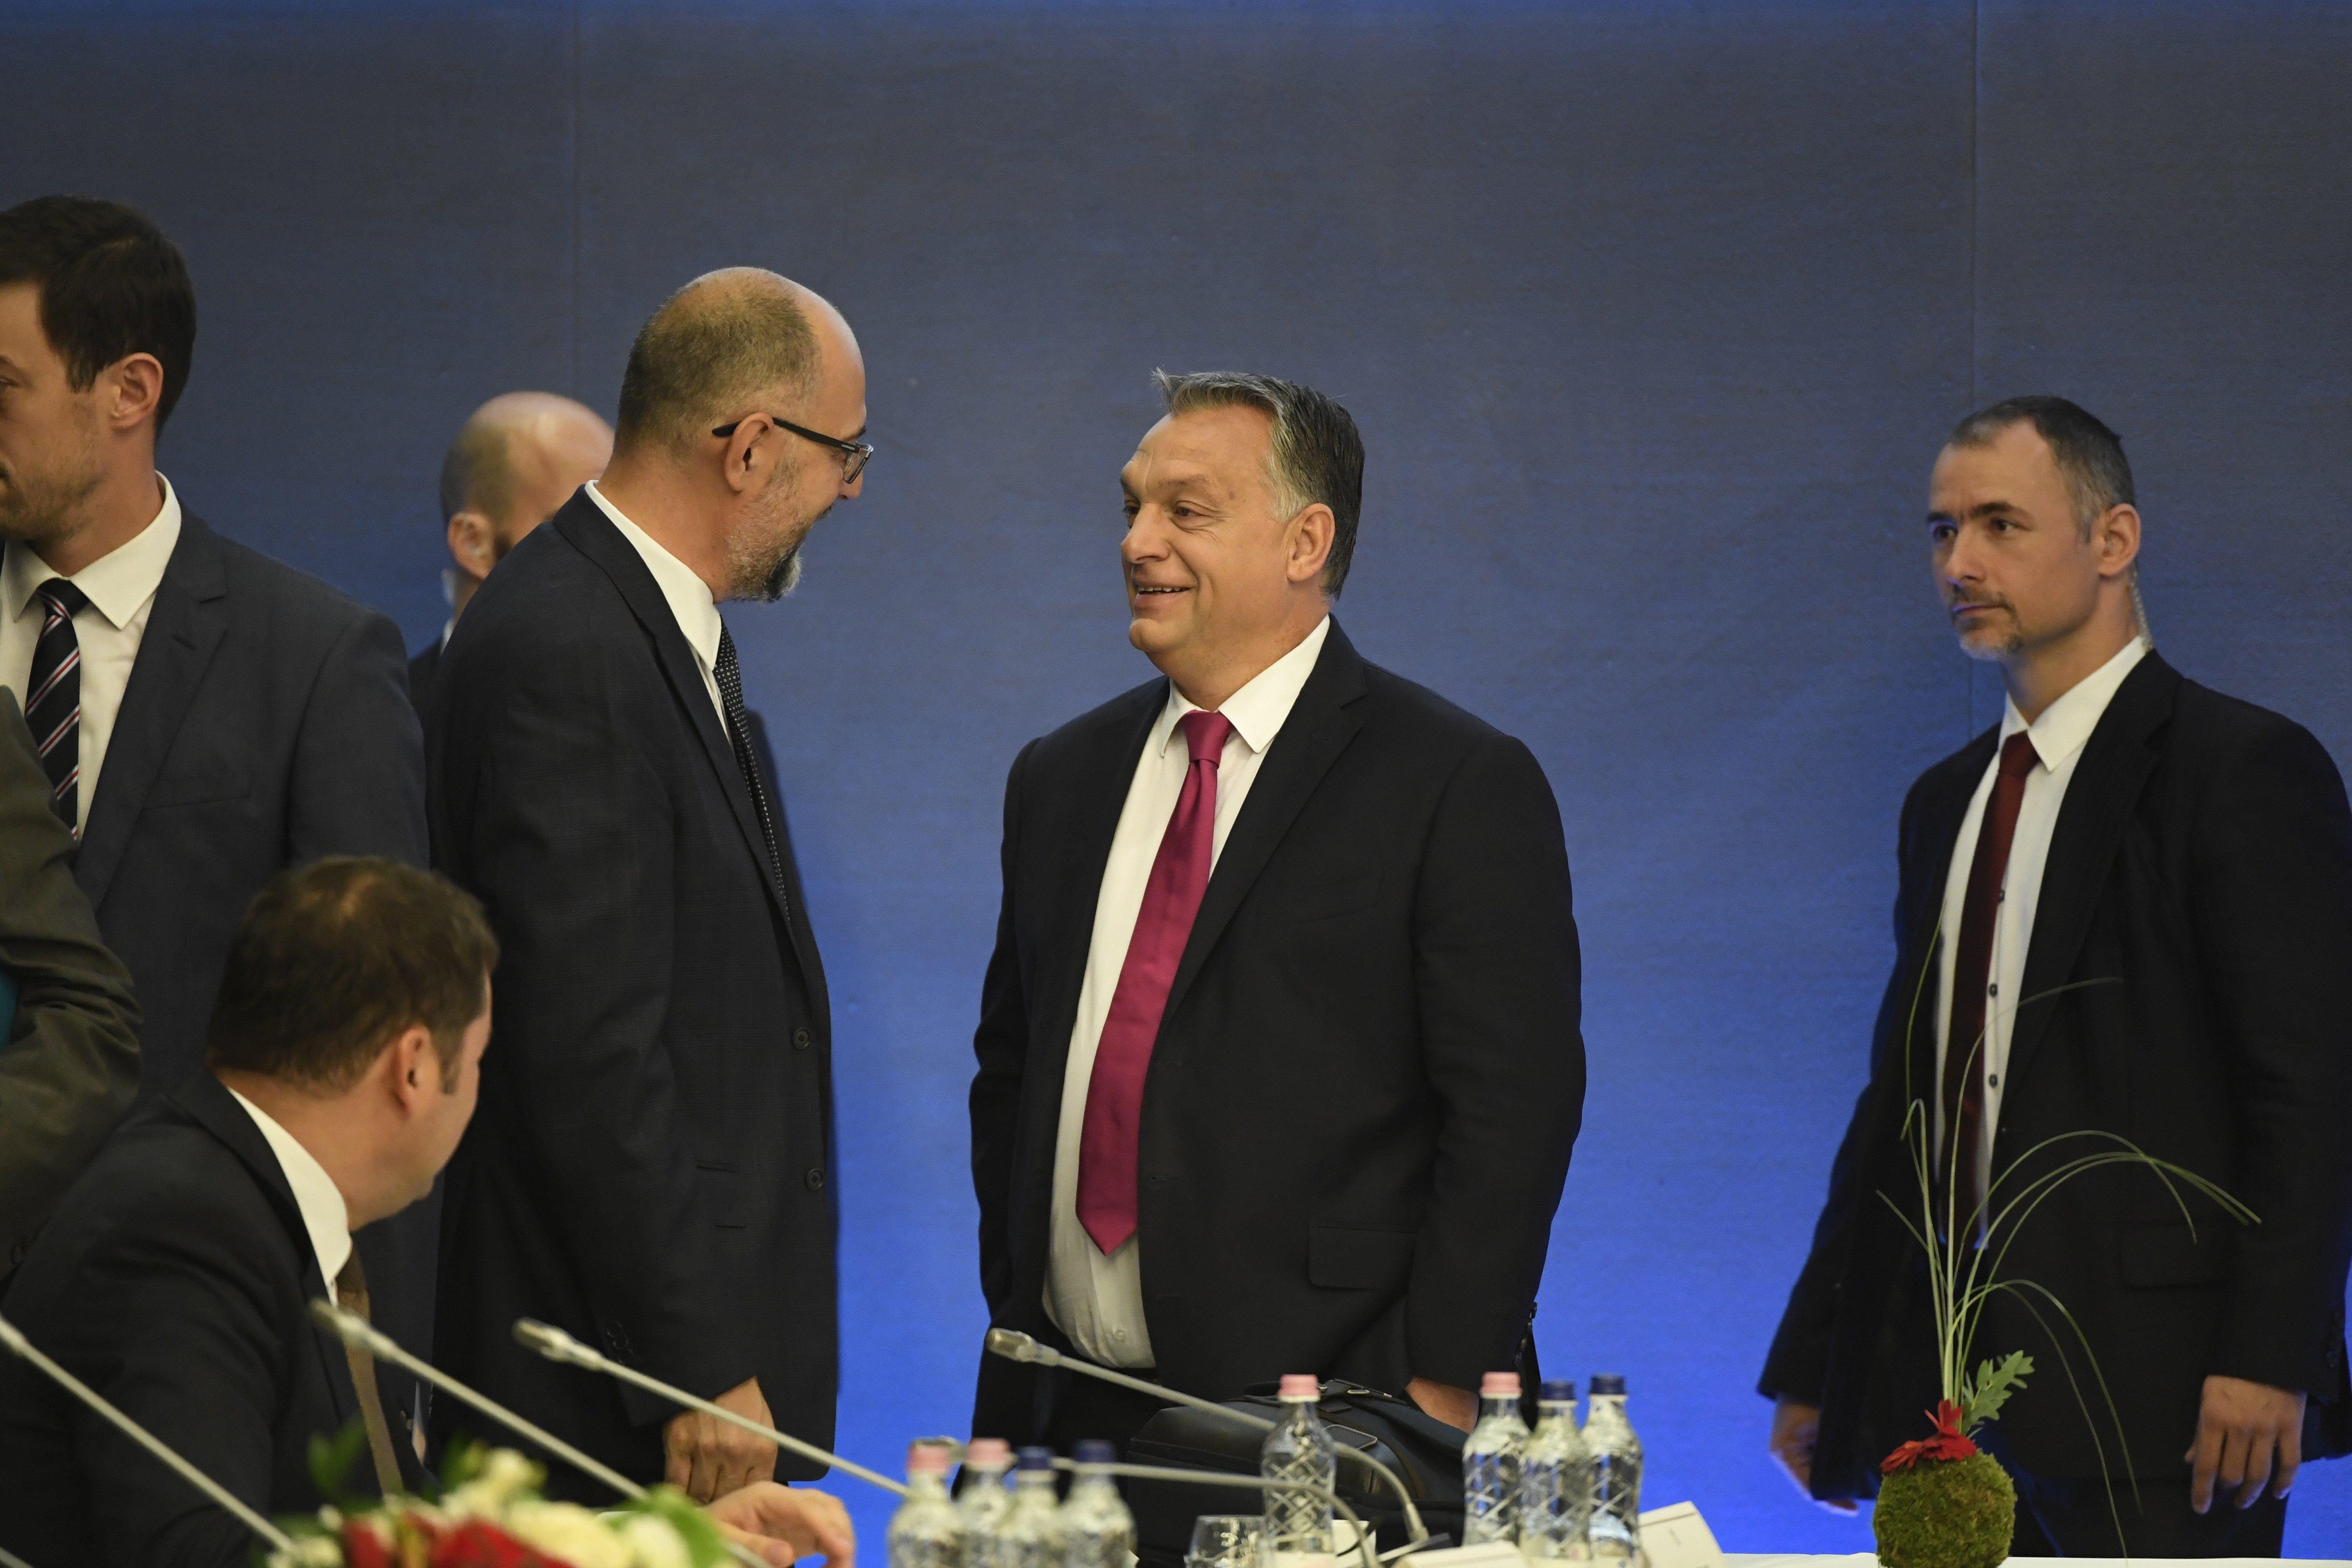 Orbán: A magyar nemzeti érdek az, hogy legyen erős Románia, Szerbia, Horvátország, Szlovákia és Ukrajna